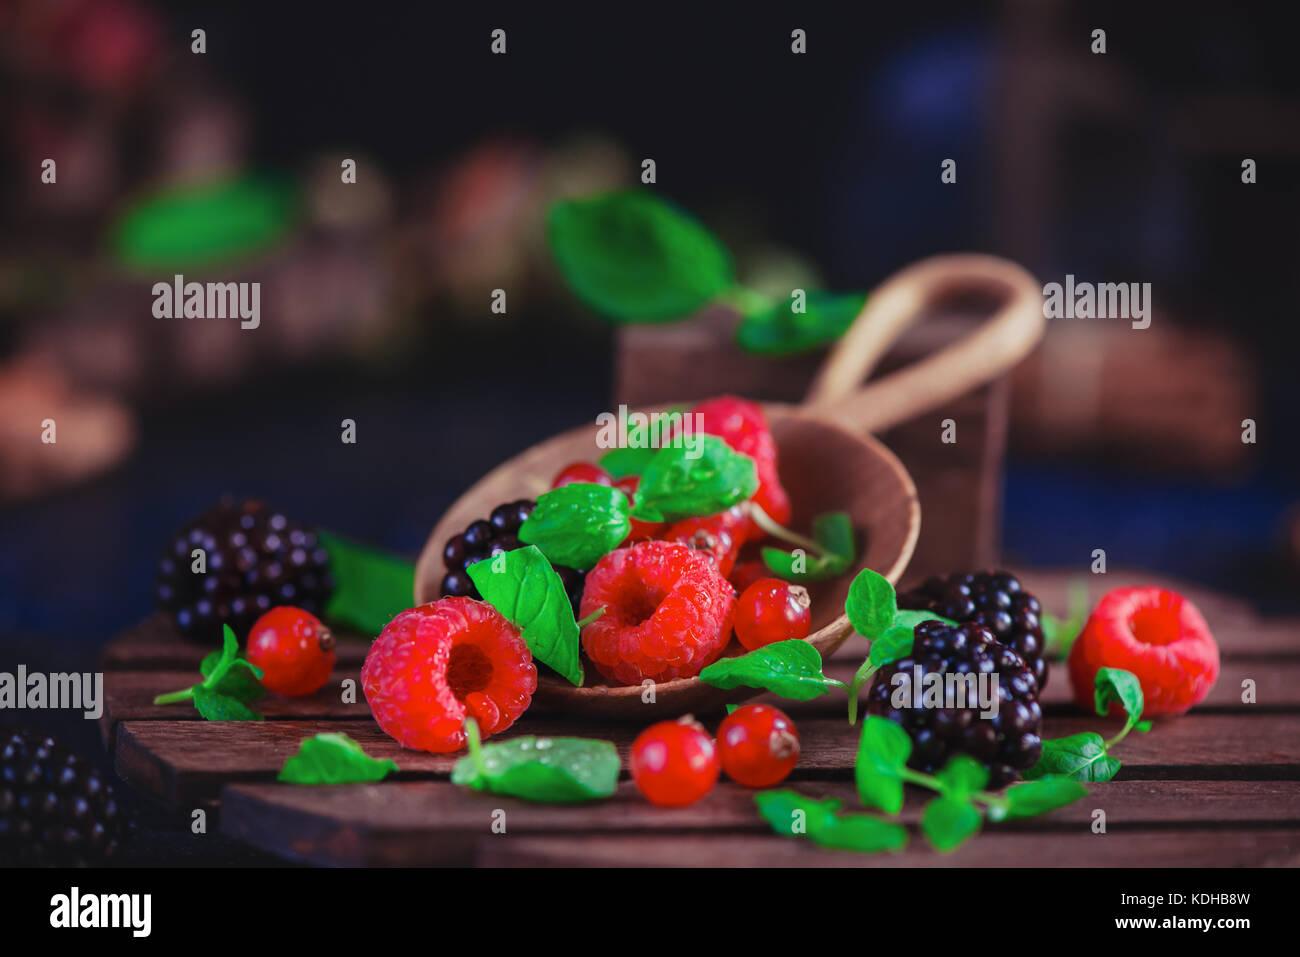 Sommer noch Leben mit Beeren in eine grosse Löffel aus Holz auf einem dunklen Hintergrund. Himbeere und Blackberry Stockbild